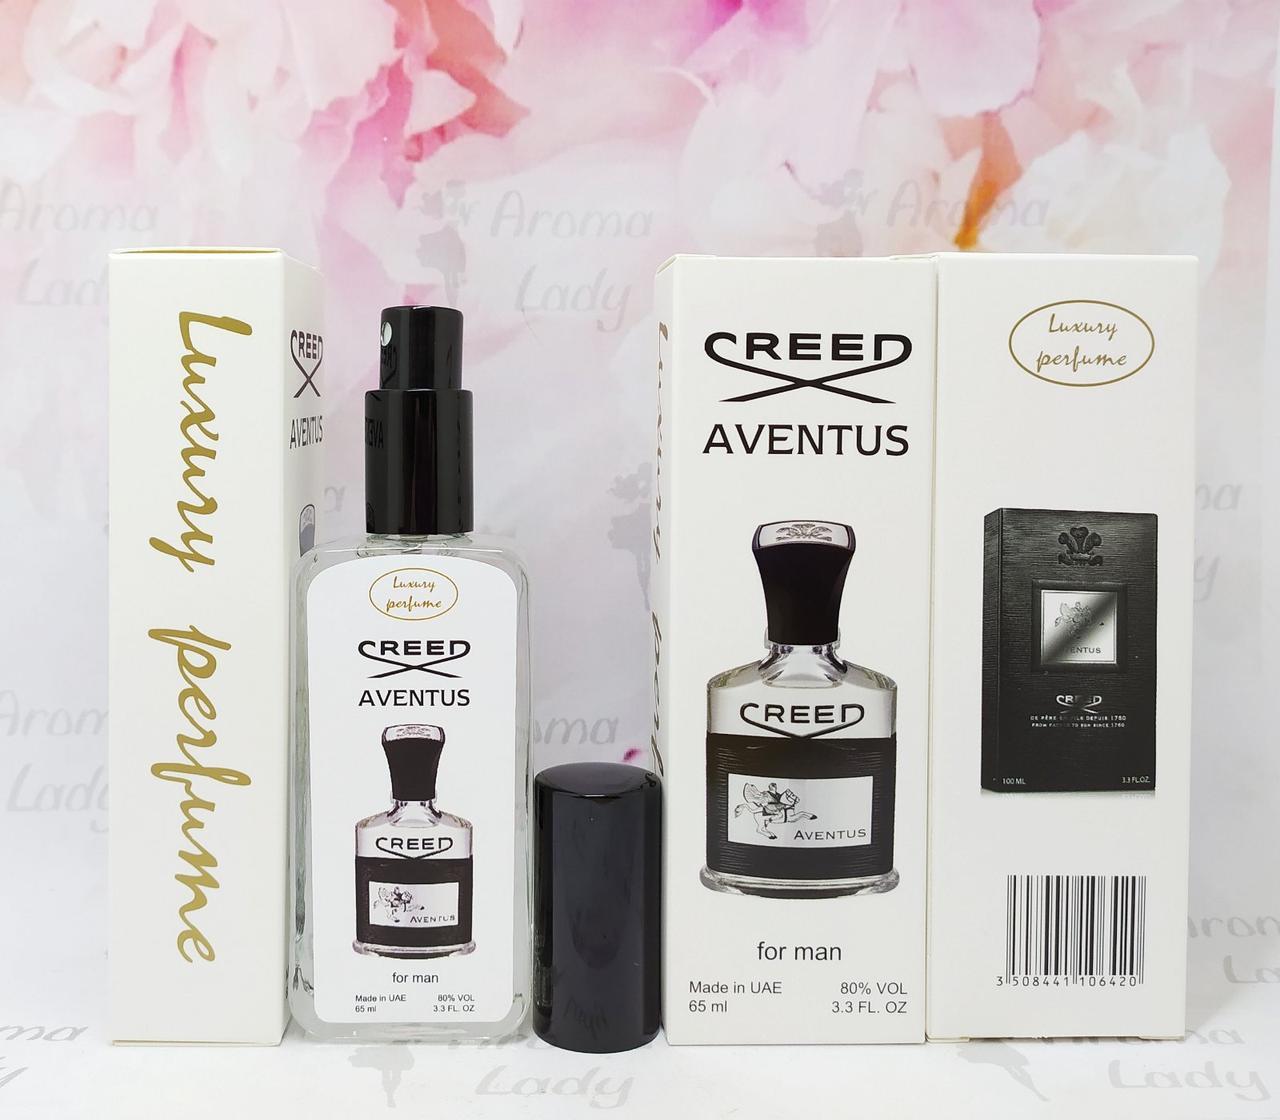 Тестер VIP Luxury Perfume Creed Aventus (Крид Авентус) 65 мл